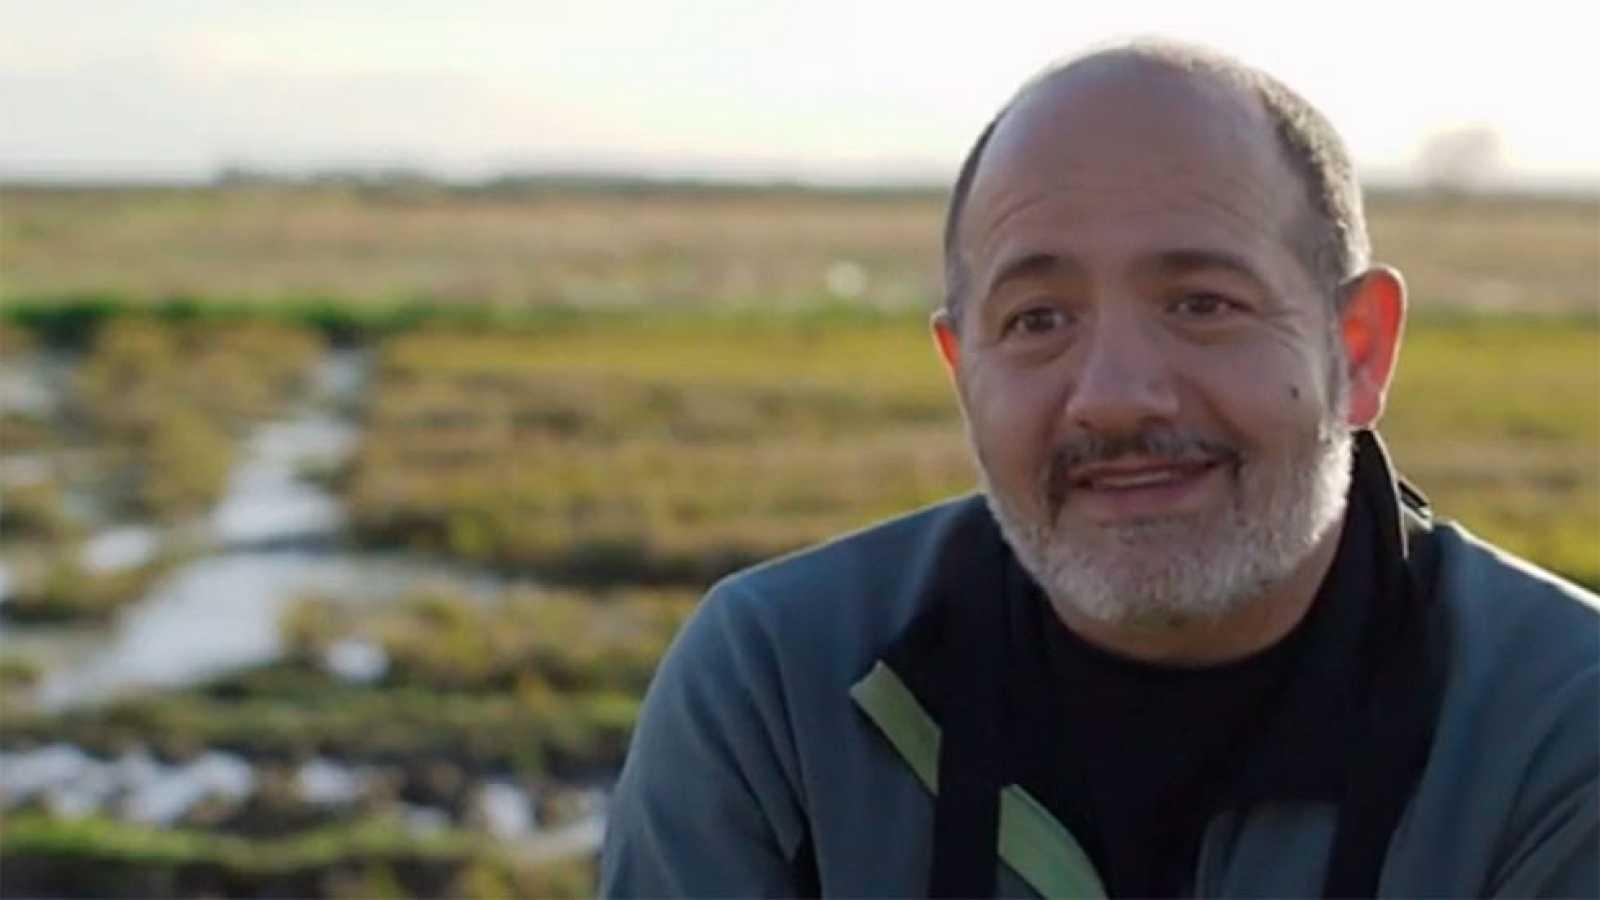 Red Natura 2000 - Historias - Virgilio, director de una empresa de turismo ornitológico